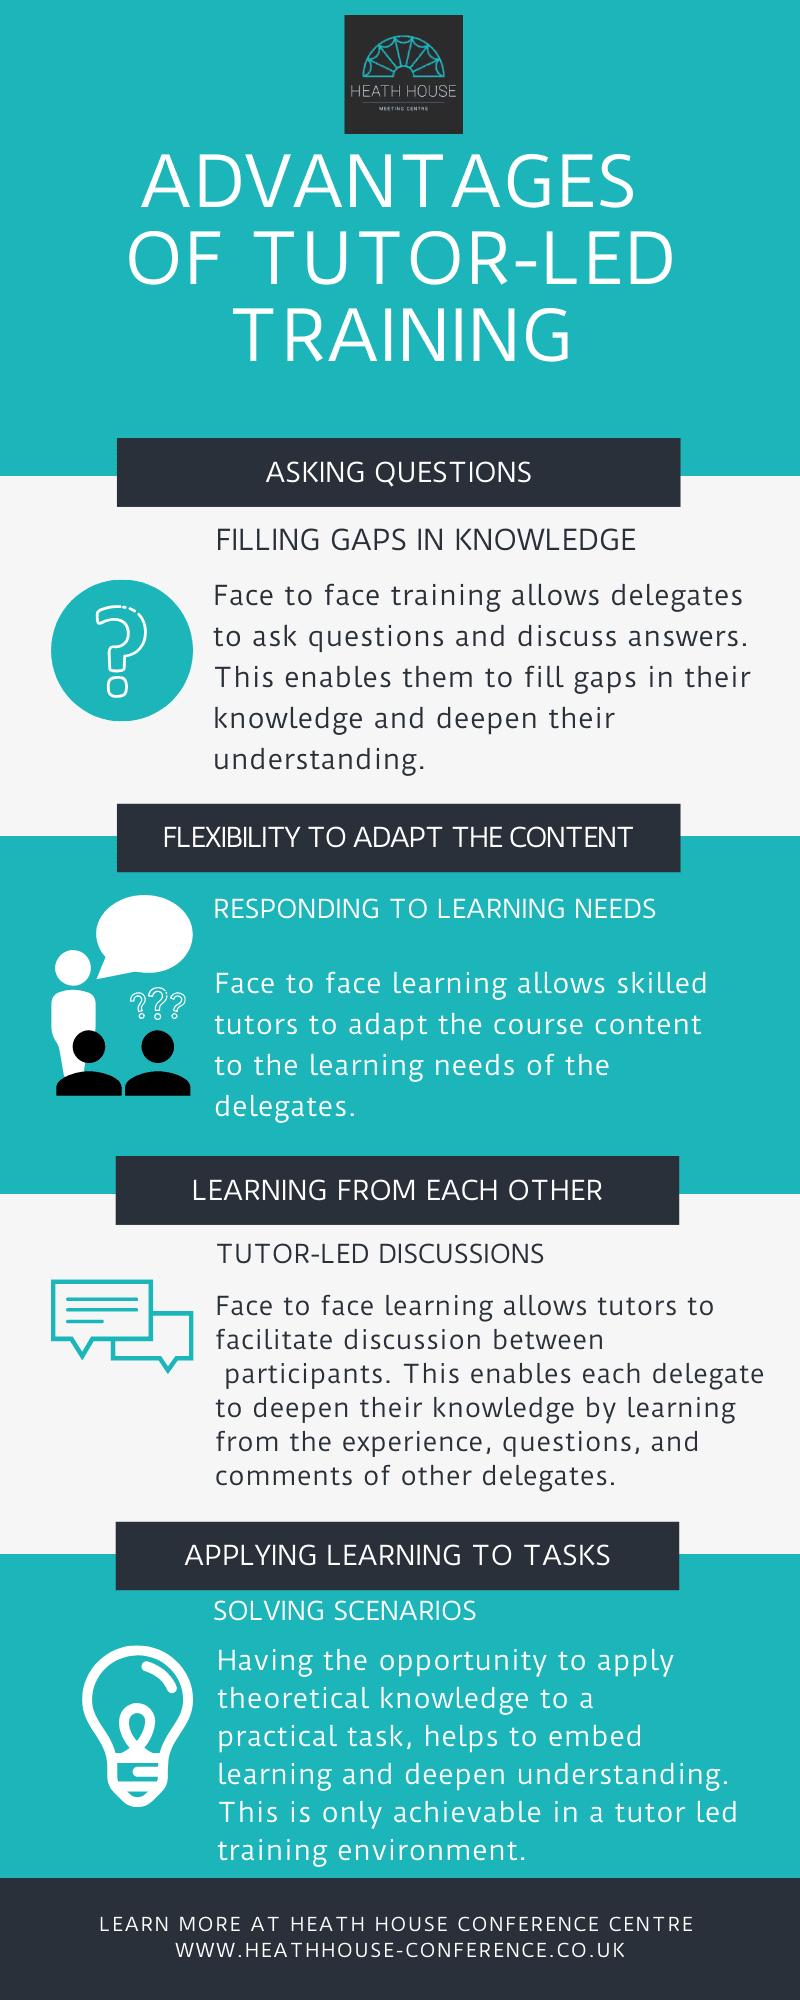 Advantages of tutor-led training